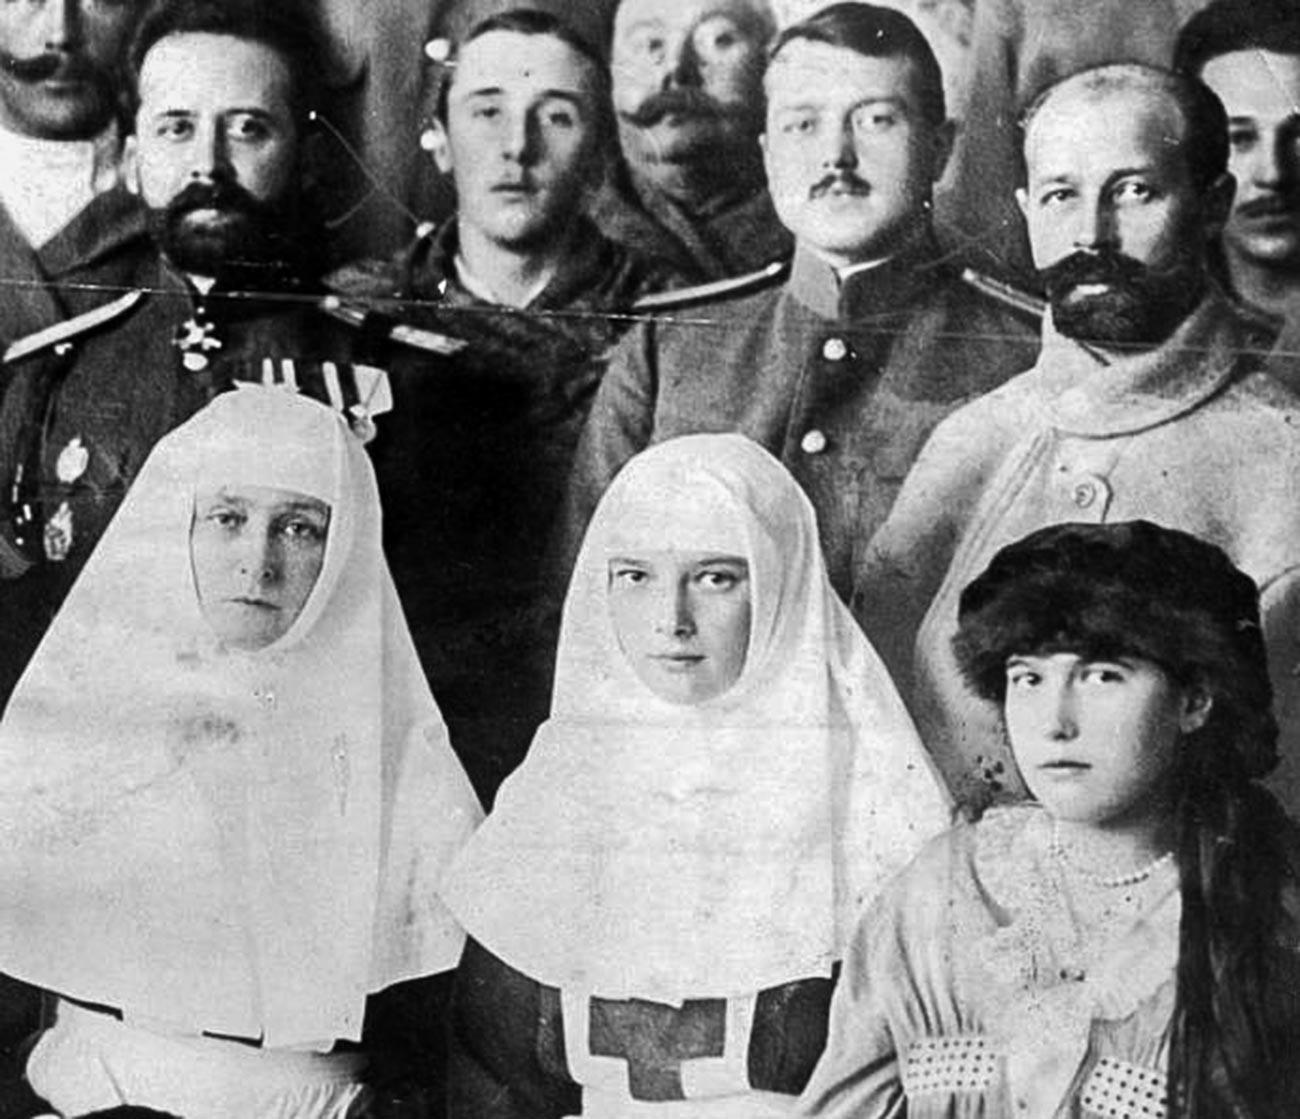 Pemarisuri Aleksandra beserta kedua putrinya, Tatiana dan Anastasia, selama Perang Dunia I.